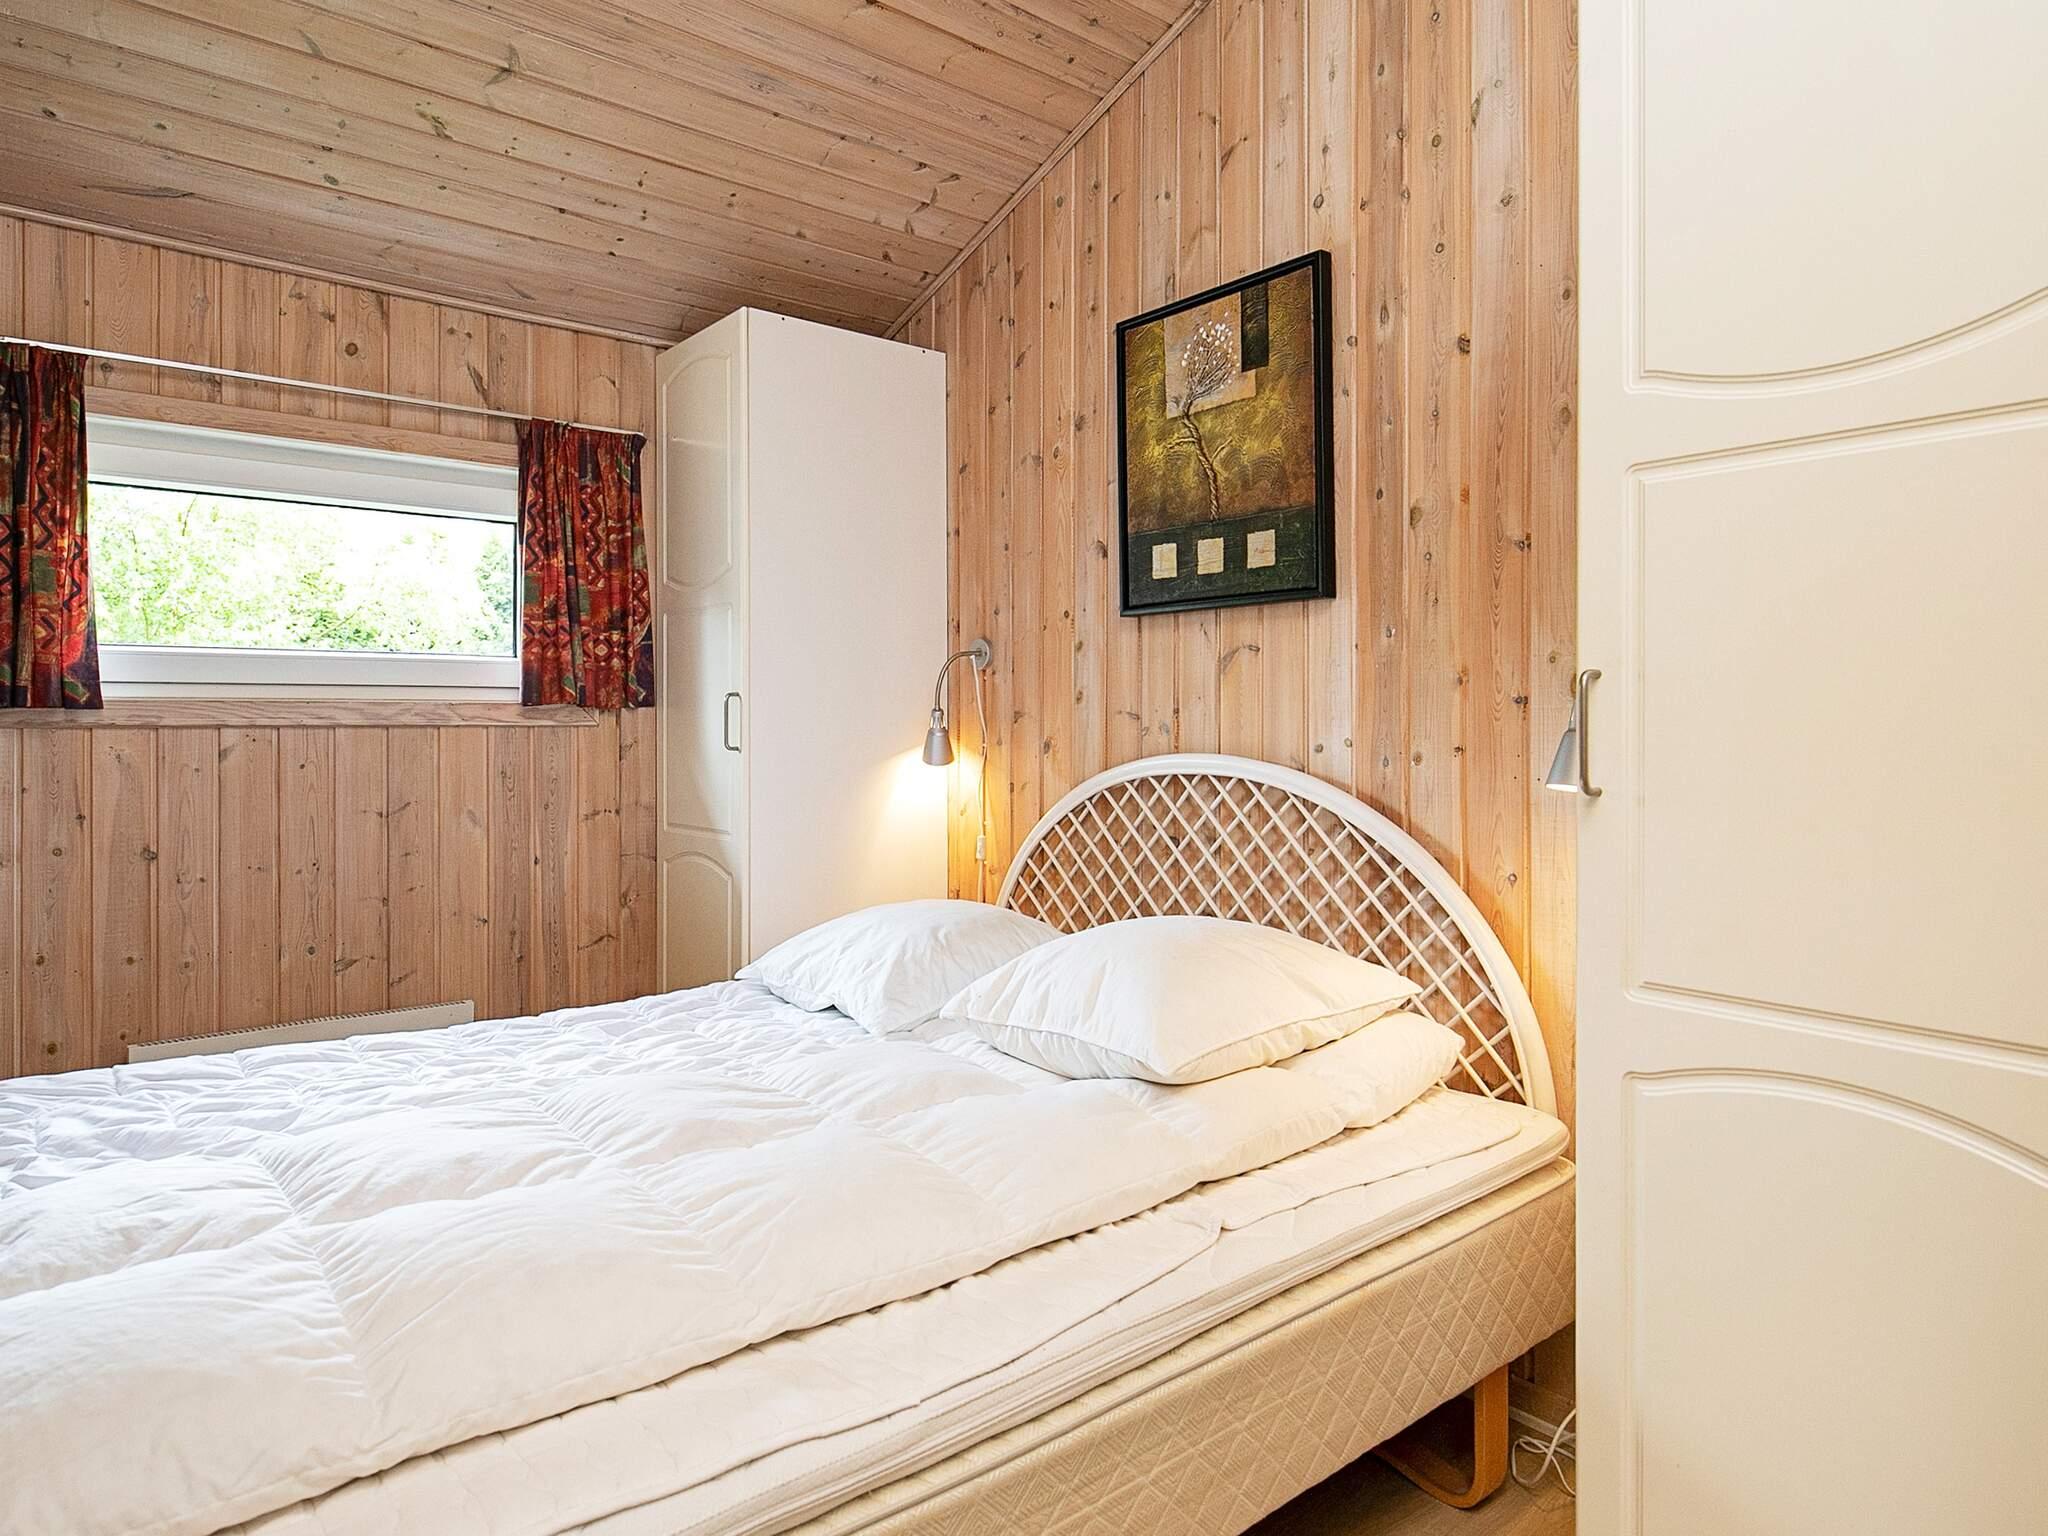 Ferienhaus Marielyst (83562), Marielyst, , Falster, Dänemark, Bild 5